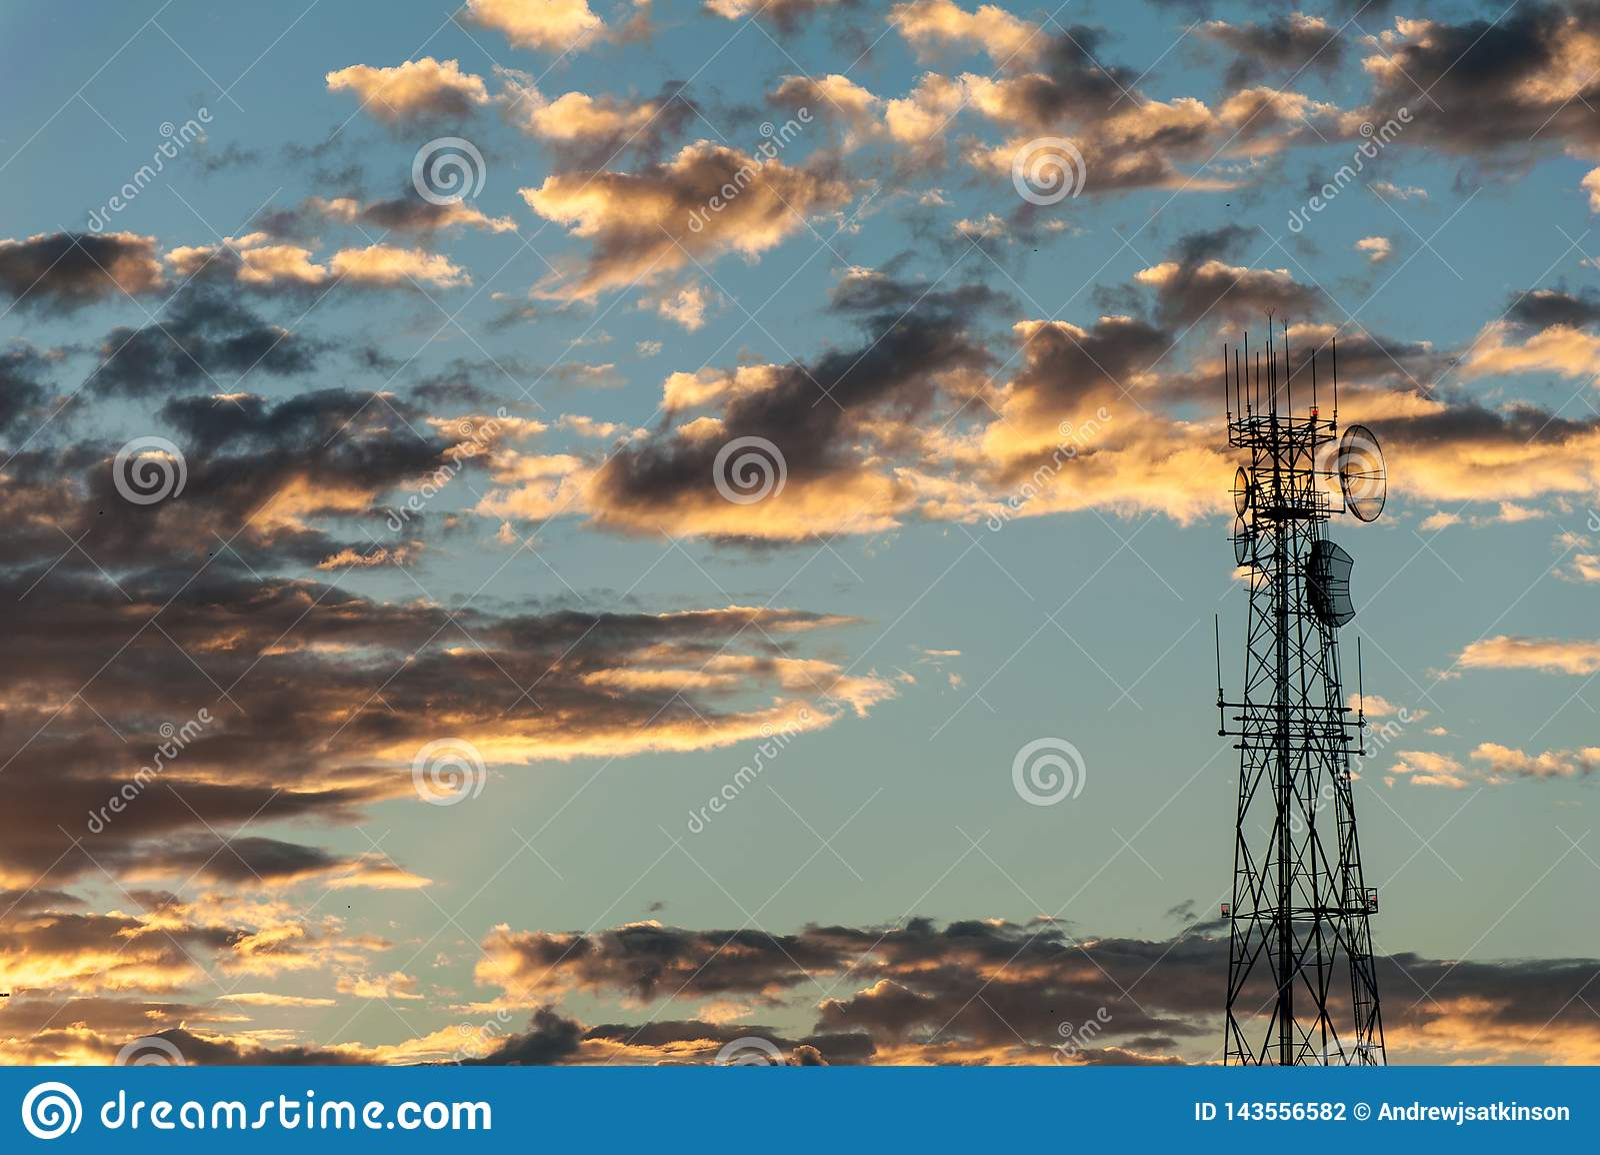 Nascer do sol atrás de uma torre de comunicações para o rádio e a transmissão de tevê